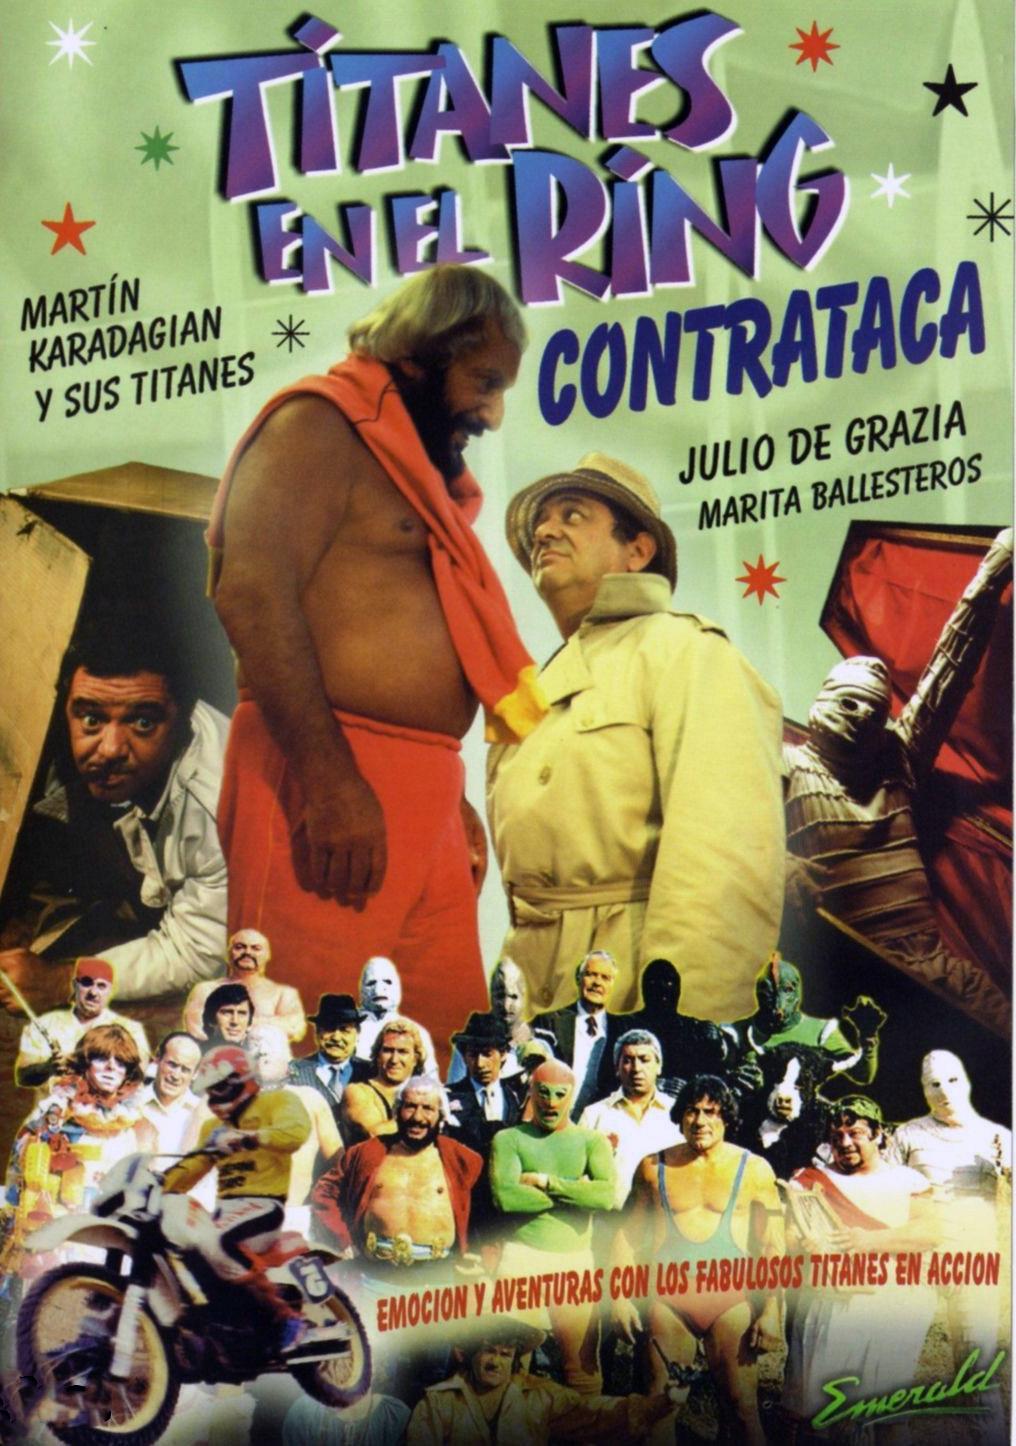 Titanes en el ring contraataca ((1983))